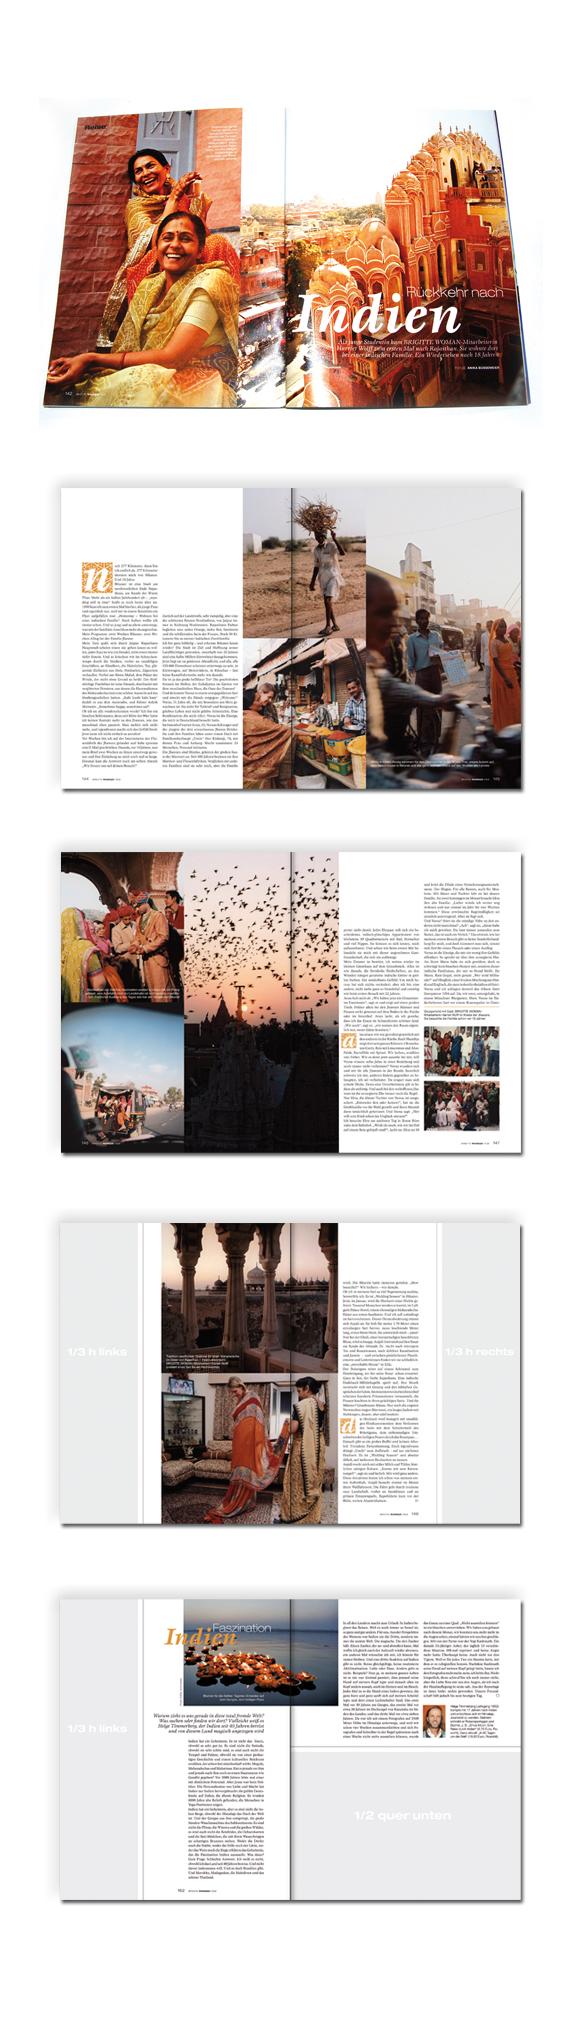 BW Seiten Indien Reise